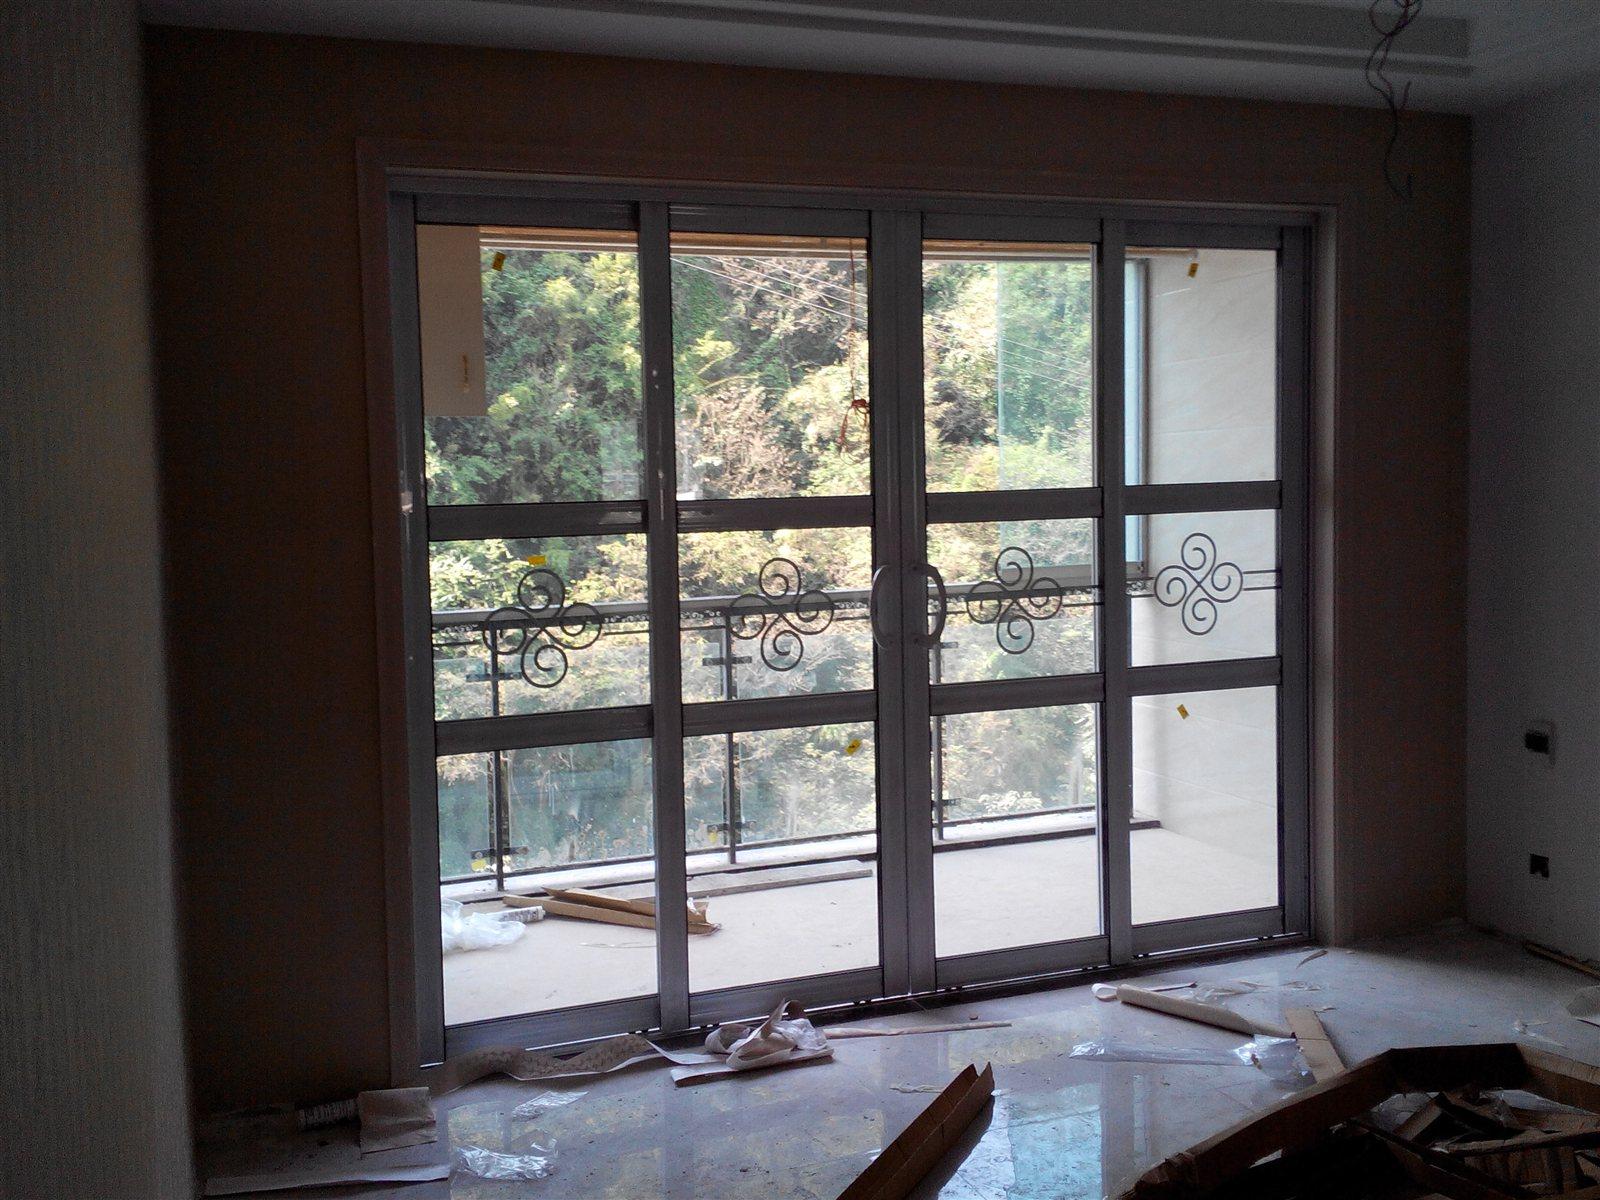 随着人们对于现代的家居理念的理解,越来越多的人倾向于让有限的空间显示出更大的容积,因此推拉门就成为了现代家庭装修不可缺少的一部分。下面一起跟小编来看一下阳台推拉门的标准尺寸是多少,阳台推拉门有哪些选购原则吧。 一、阳台推拉门的标准尺寸是多少 1、阳台推拉门的标准尺寸之高度尺寸 虽然阳台推拉门的尺寸大小可以自己确定,但也要考虑整体的协调性,例如:3米宽的阳台,那么阳台推拉门尺寸的高度一般在2.